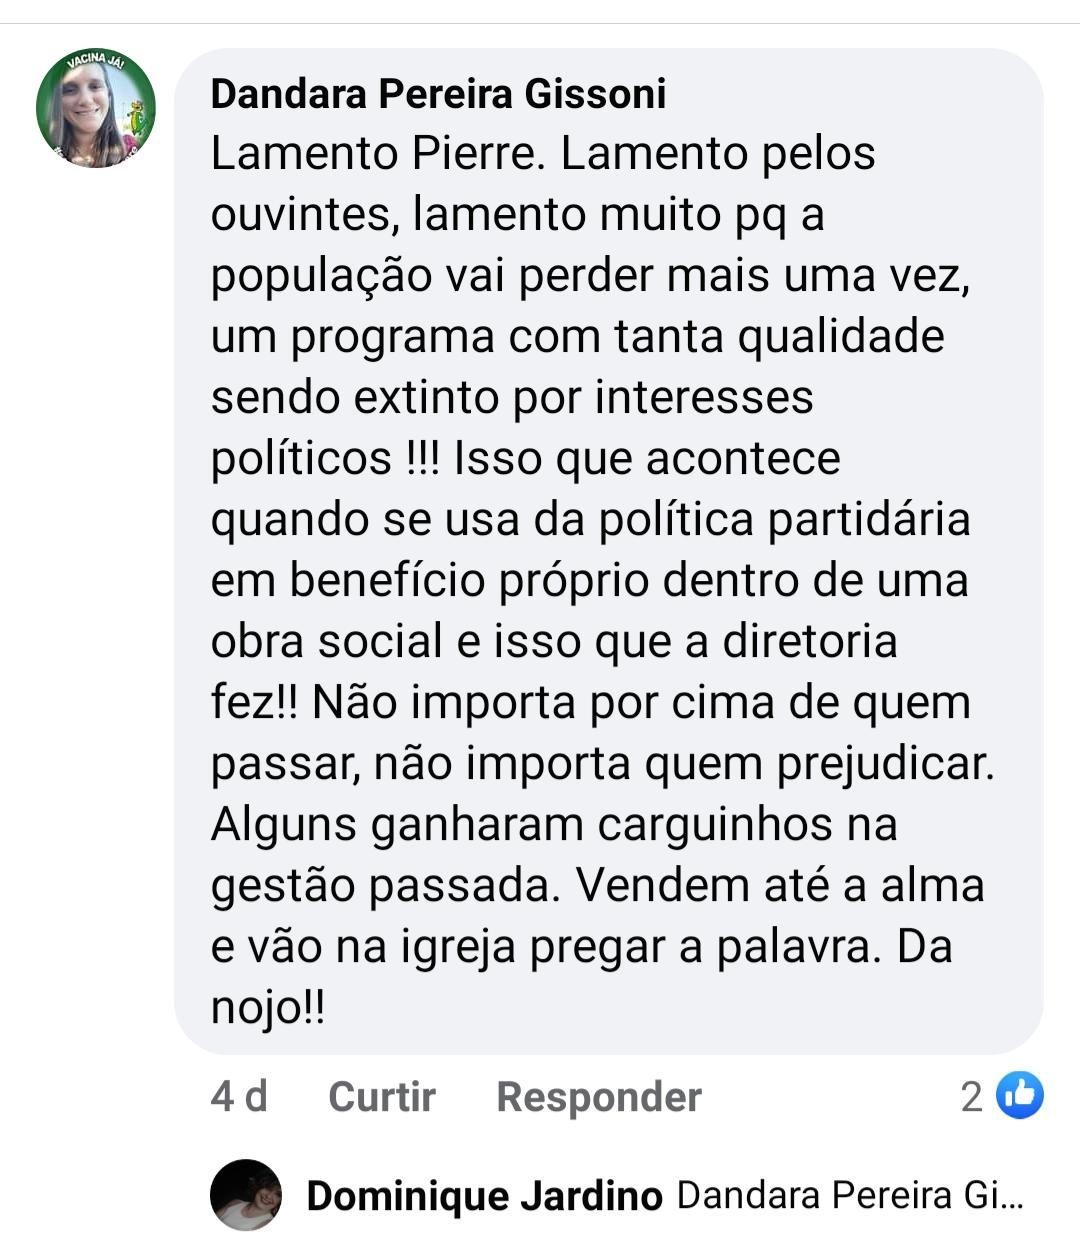 Publicação nas redes sociais da presidente da Câmara, Dandara Pereira Gissoni.